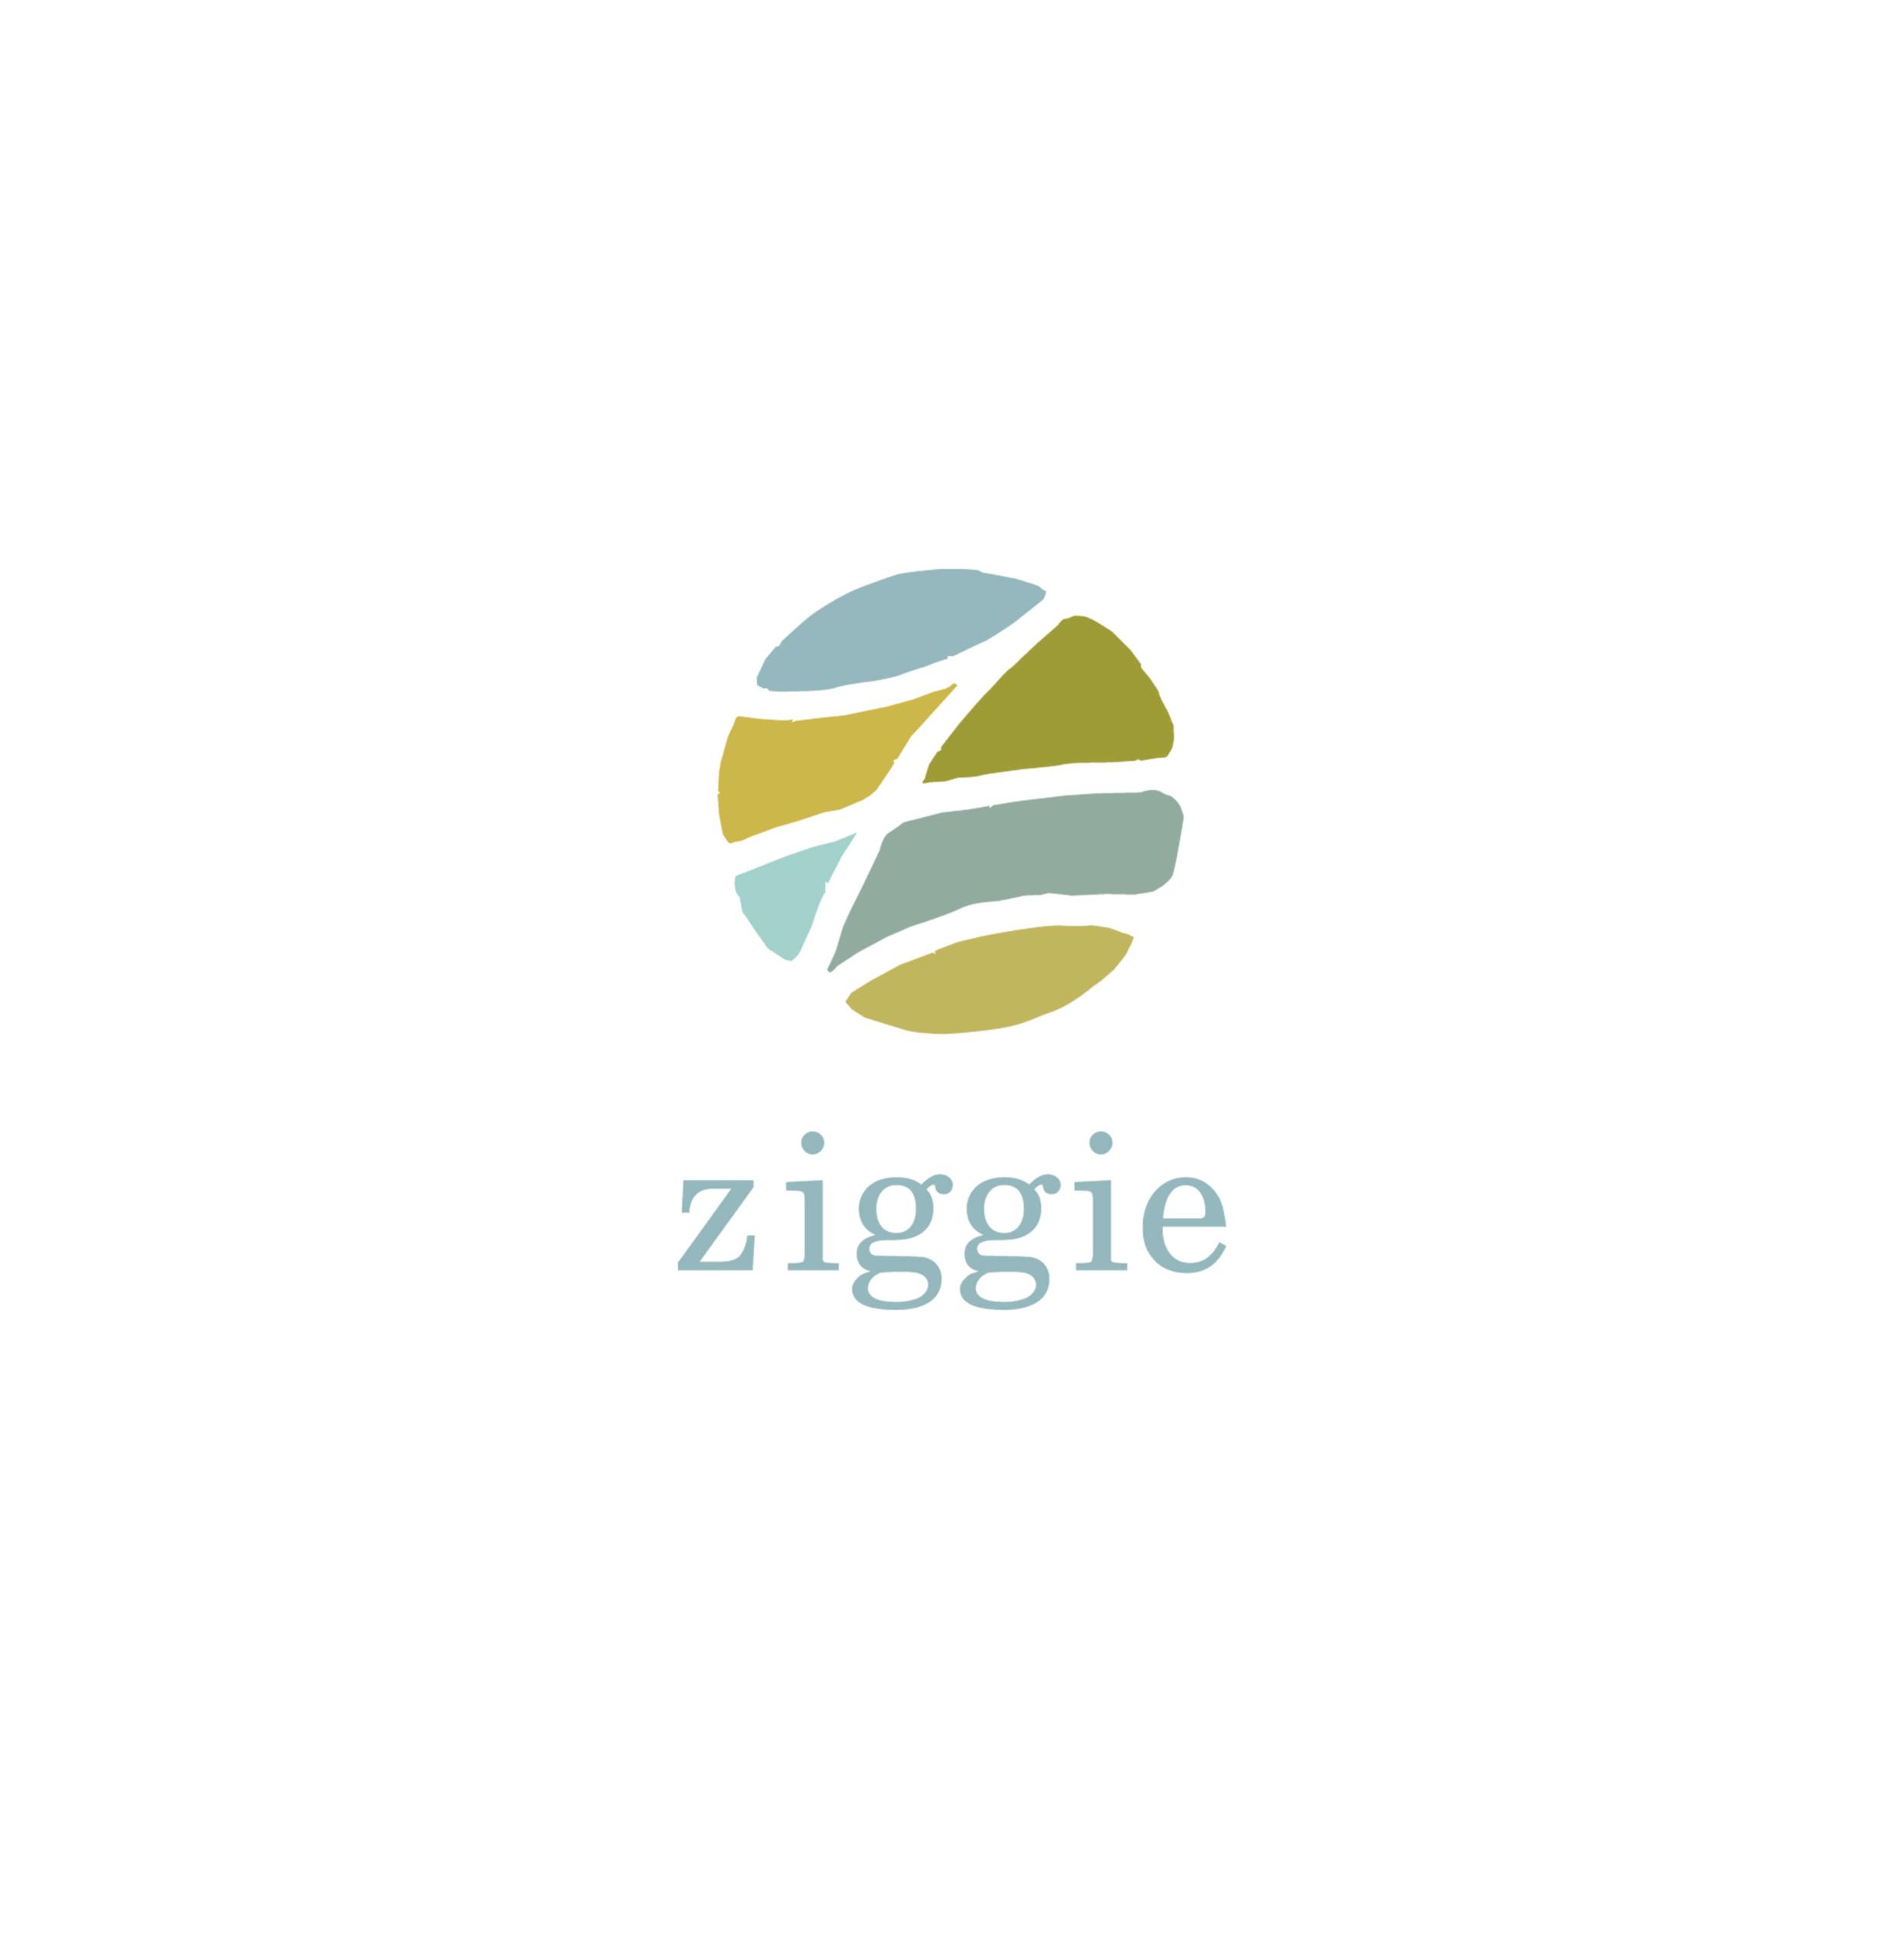 https://bschelling.com/wp-content/uploads/2020/09/ziggie_color-1_web_opt-scaled.jpg